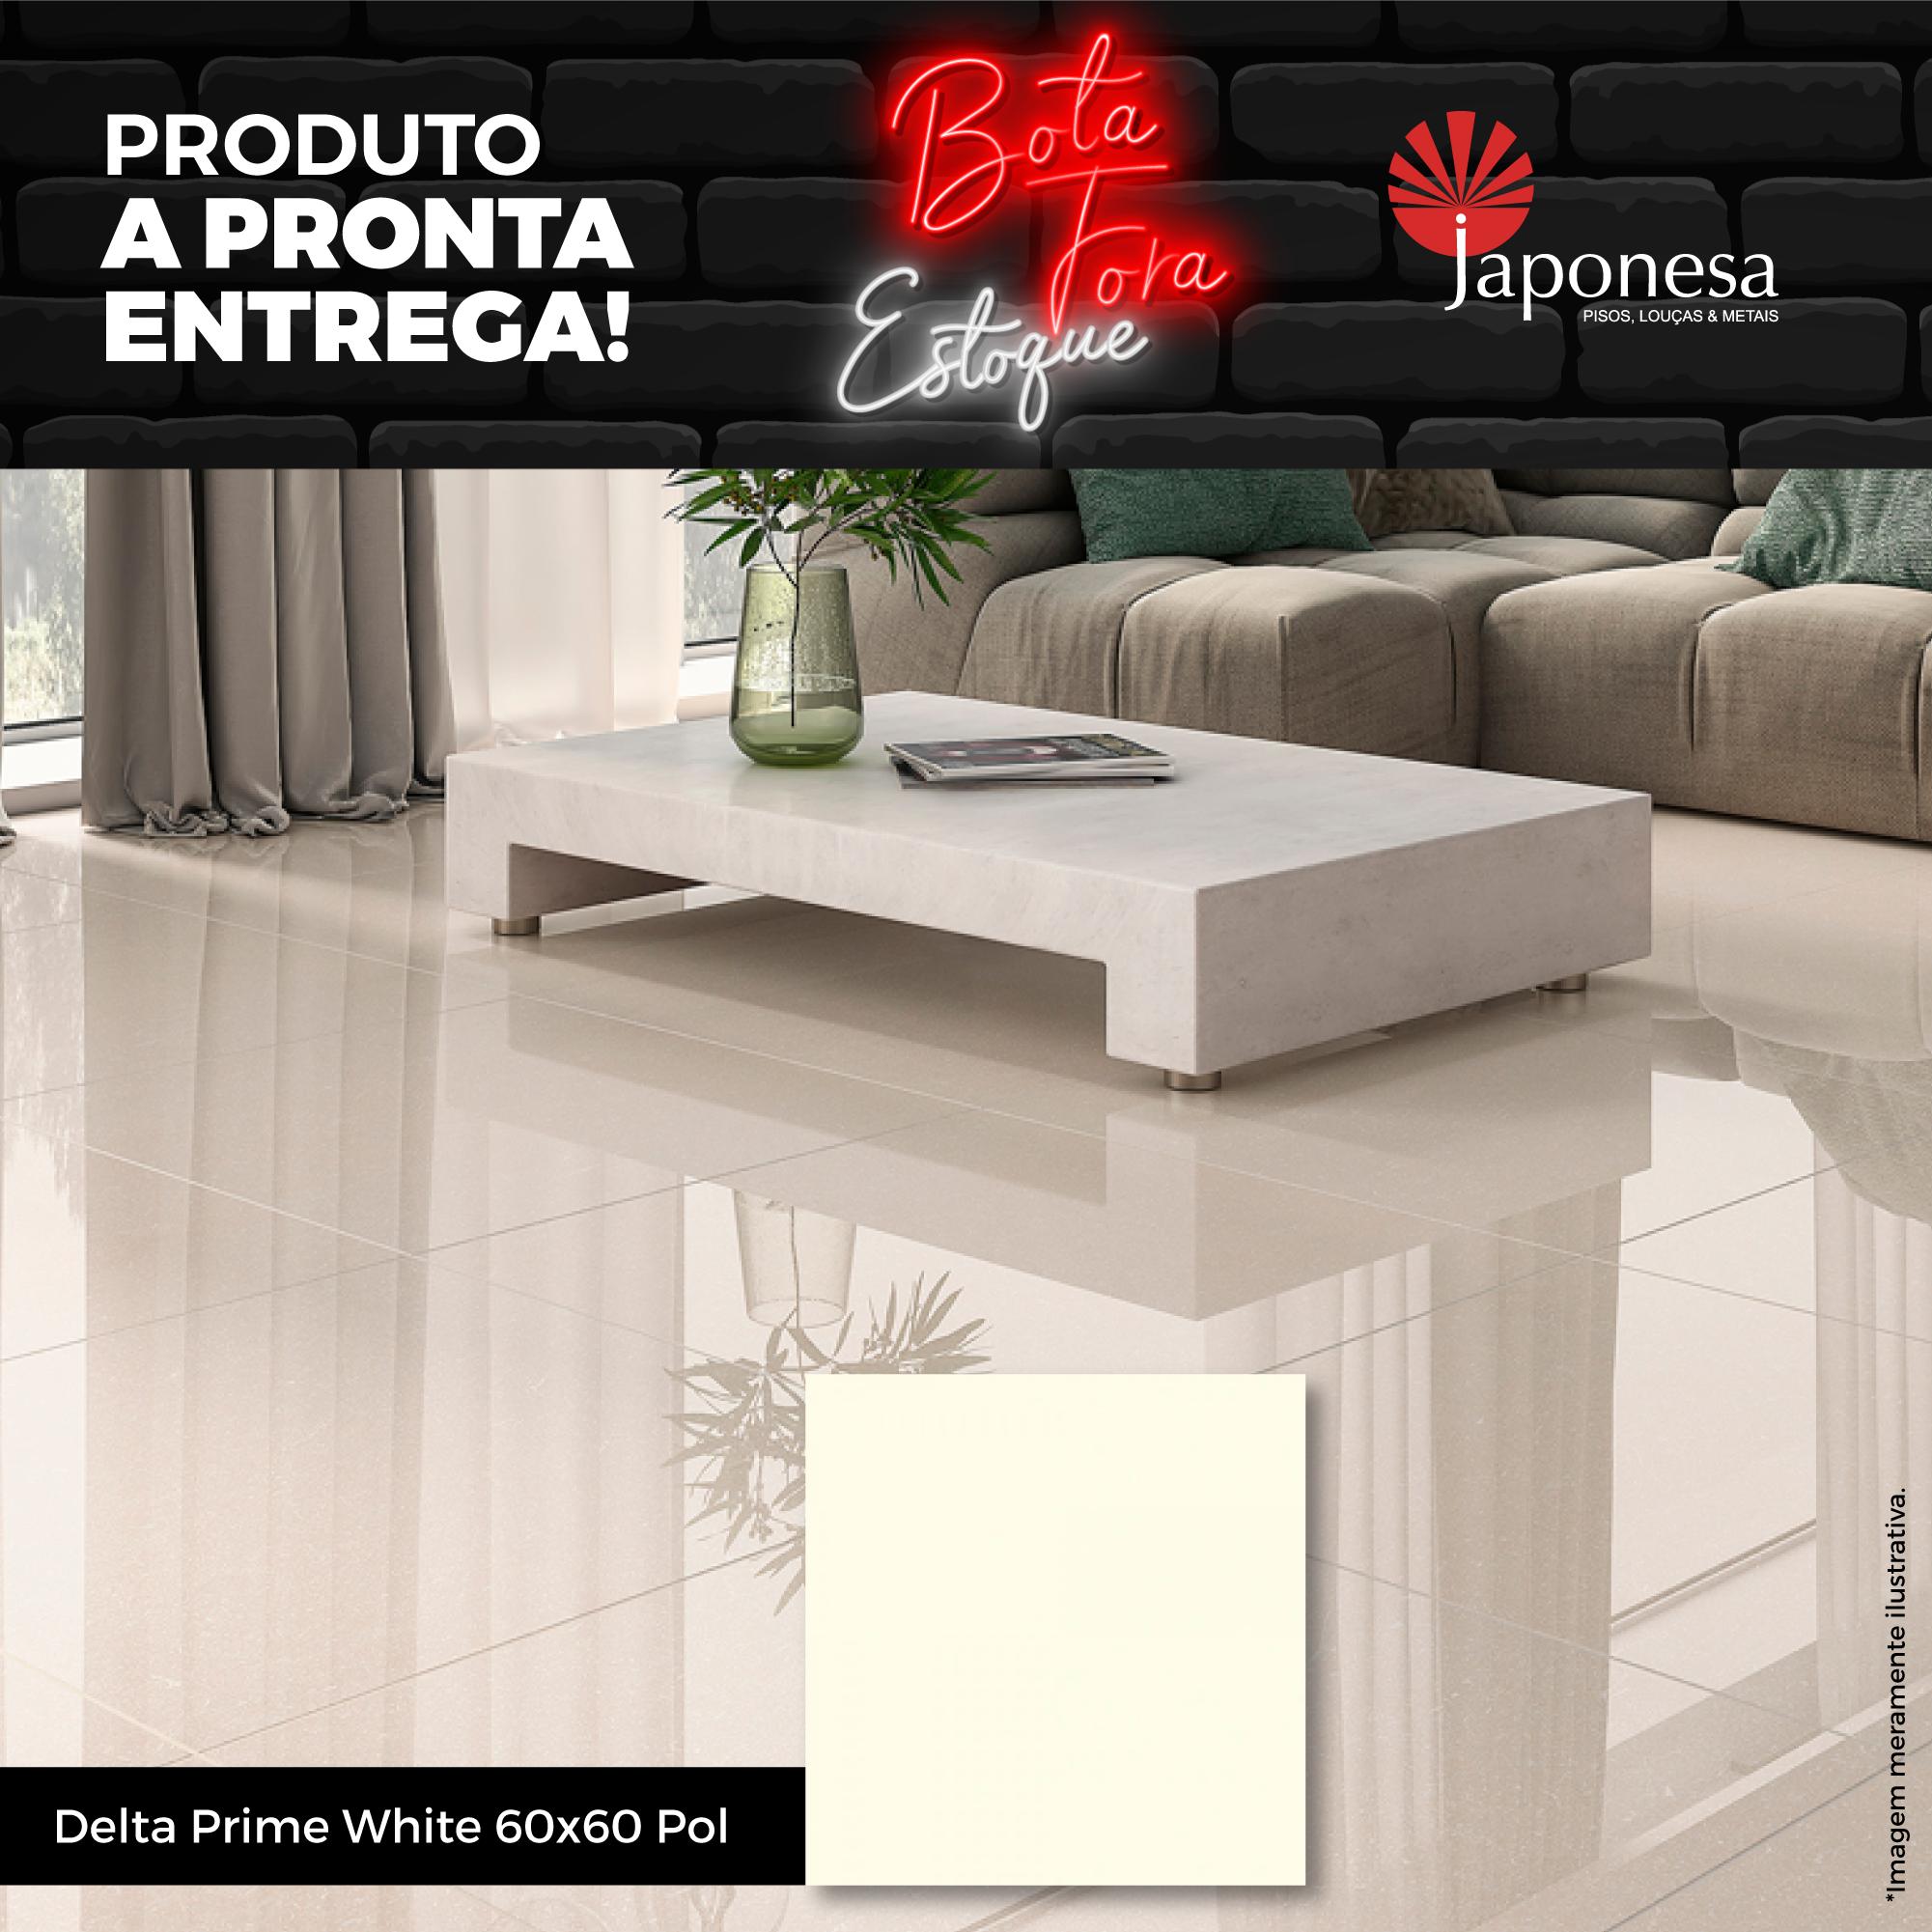 DELTA PRIME WHITE 60X60 POL